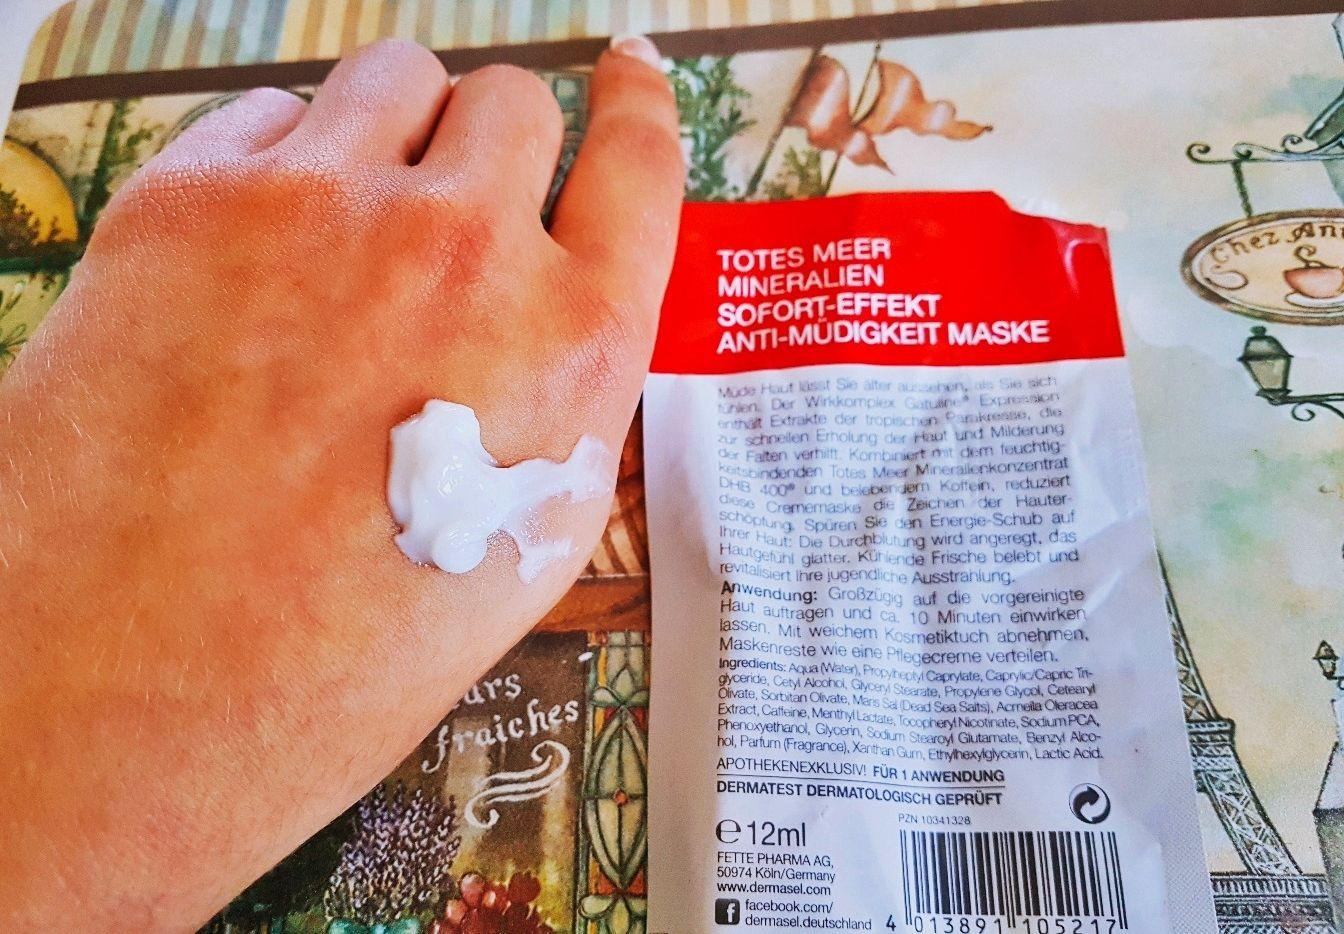 Dermasel Totes Meer Mineralien Sofort-Effekt Anti-Müdigkeit Maske